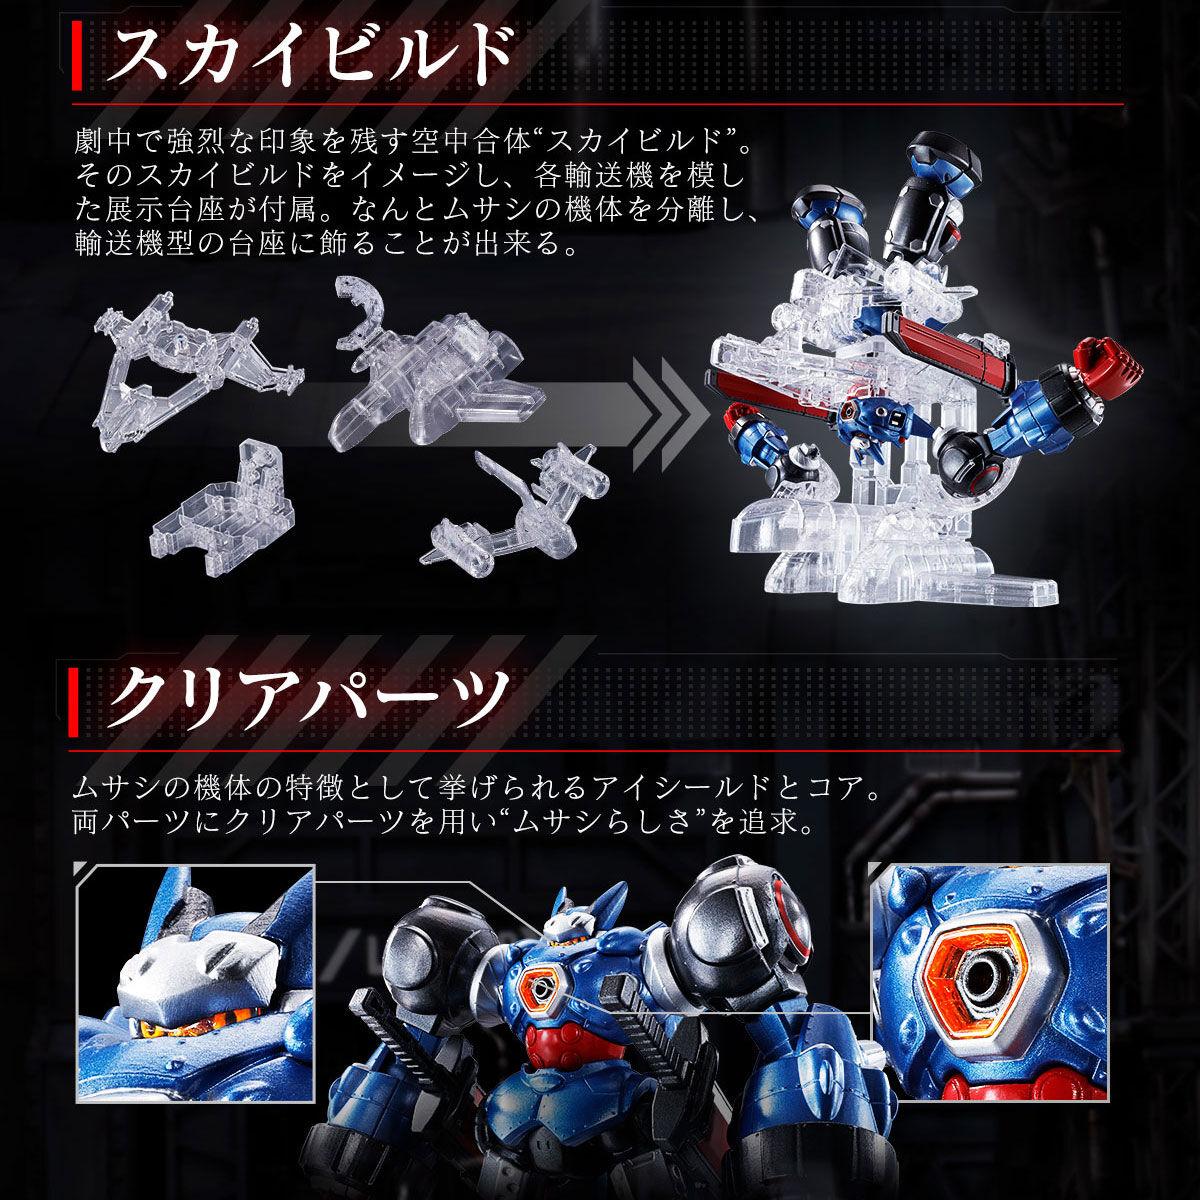 【限定販売】超弩級シリーズ『メガトン級ムサシ』可動フィギュア-003